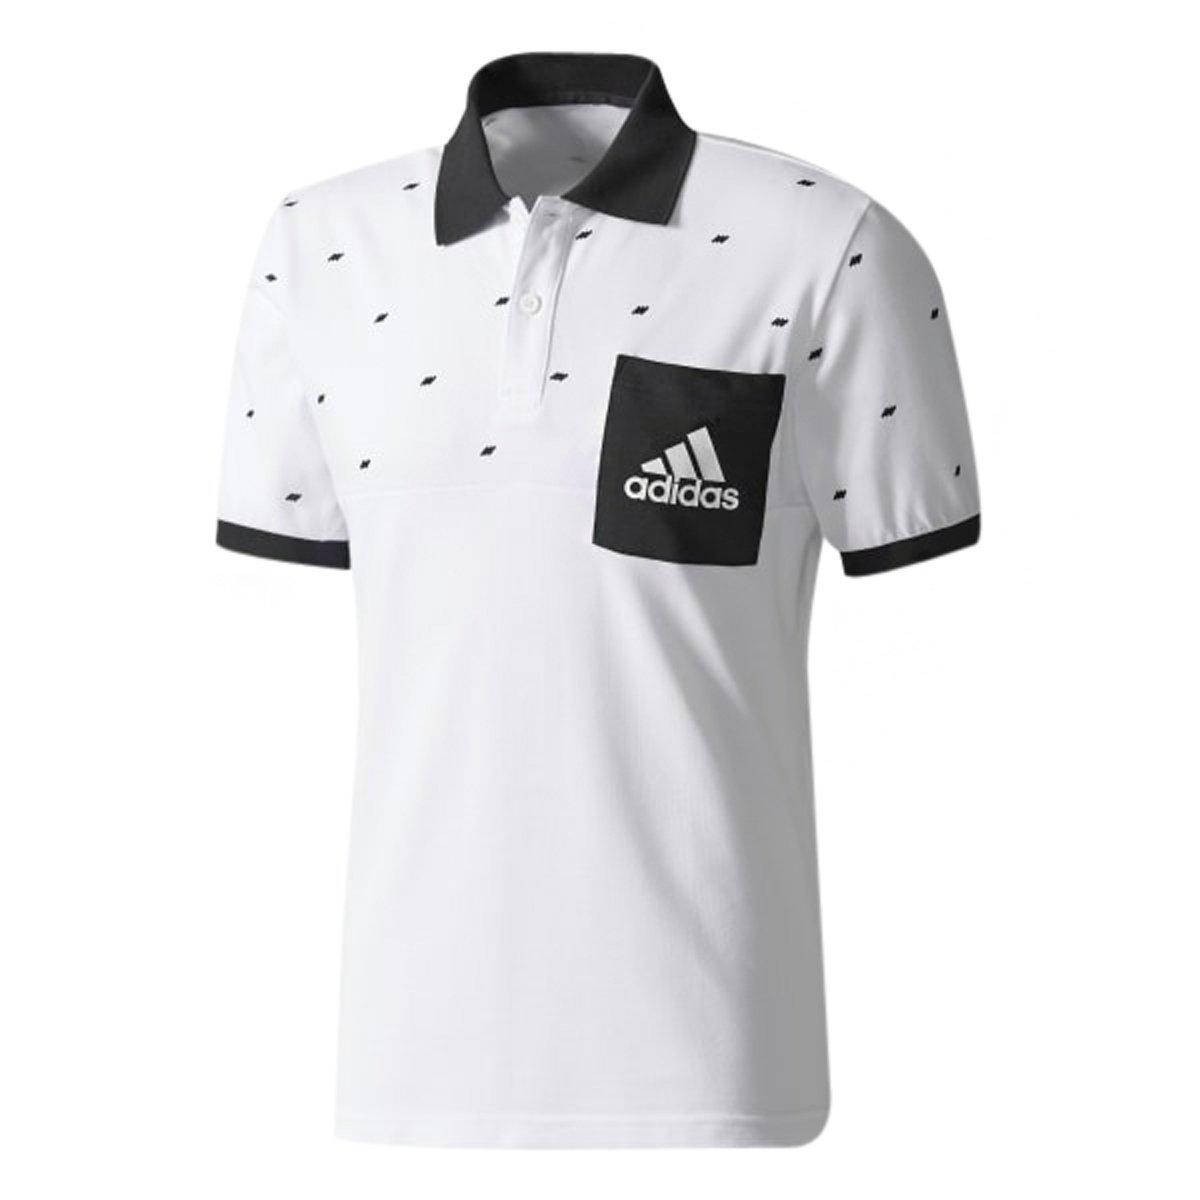 9494db423a 6cb20b4564f camiseta po o adidas ess yd s21680 preto ca çados on ine ...